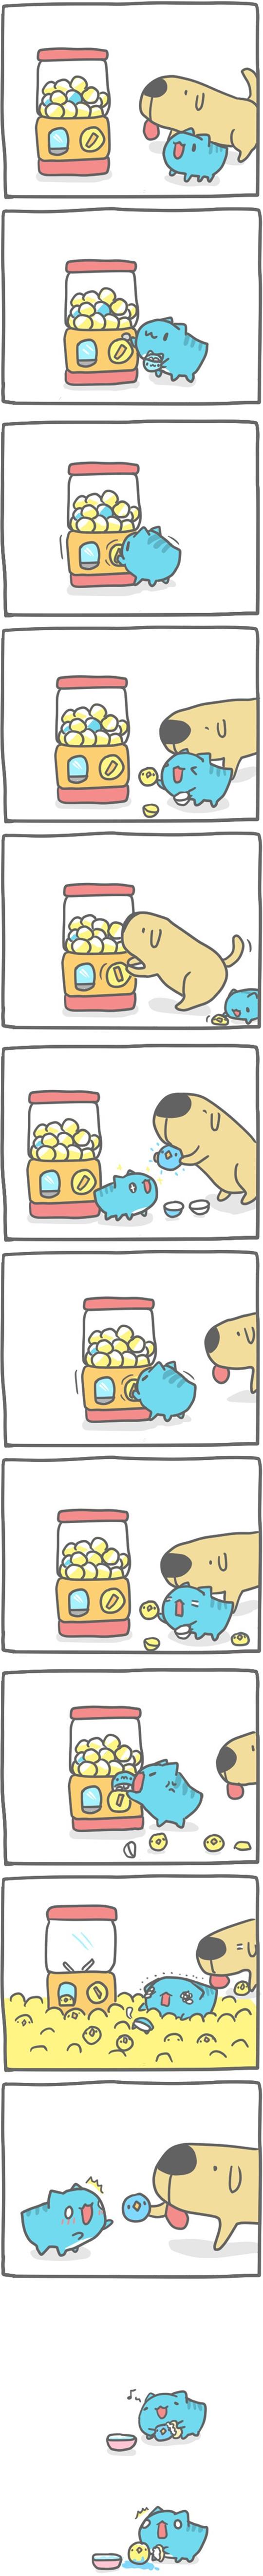 Truyện Mìn Lèo #90: Gà con màu xanh